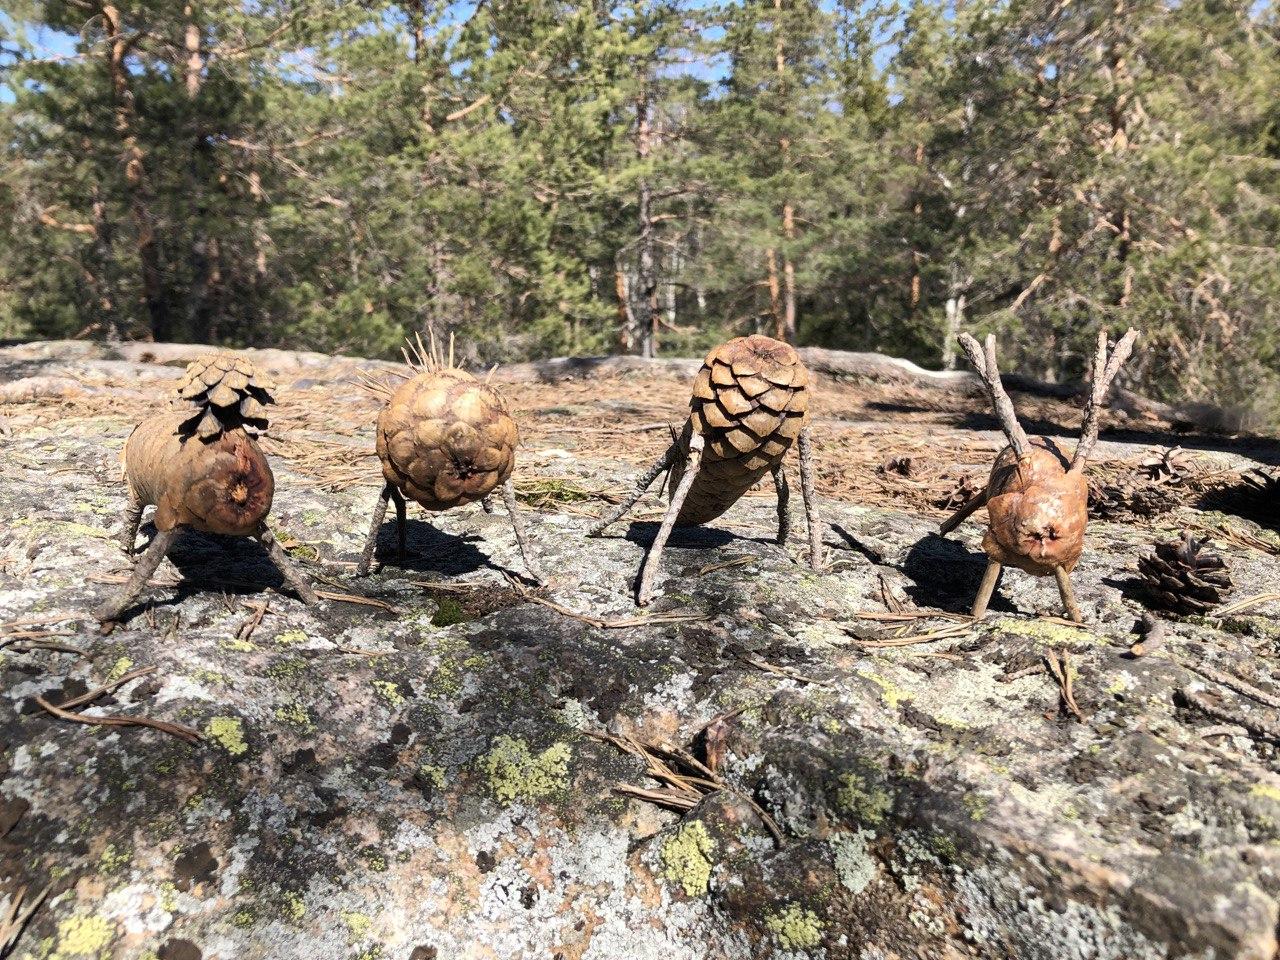 Diverse kongledyr på en stein i skogen